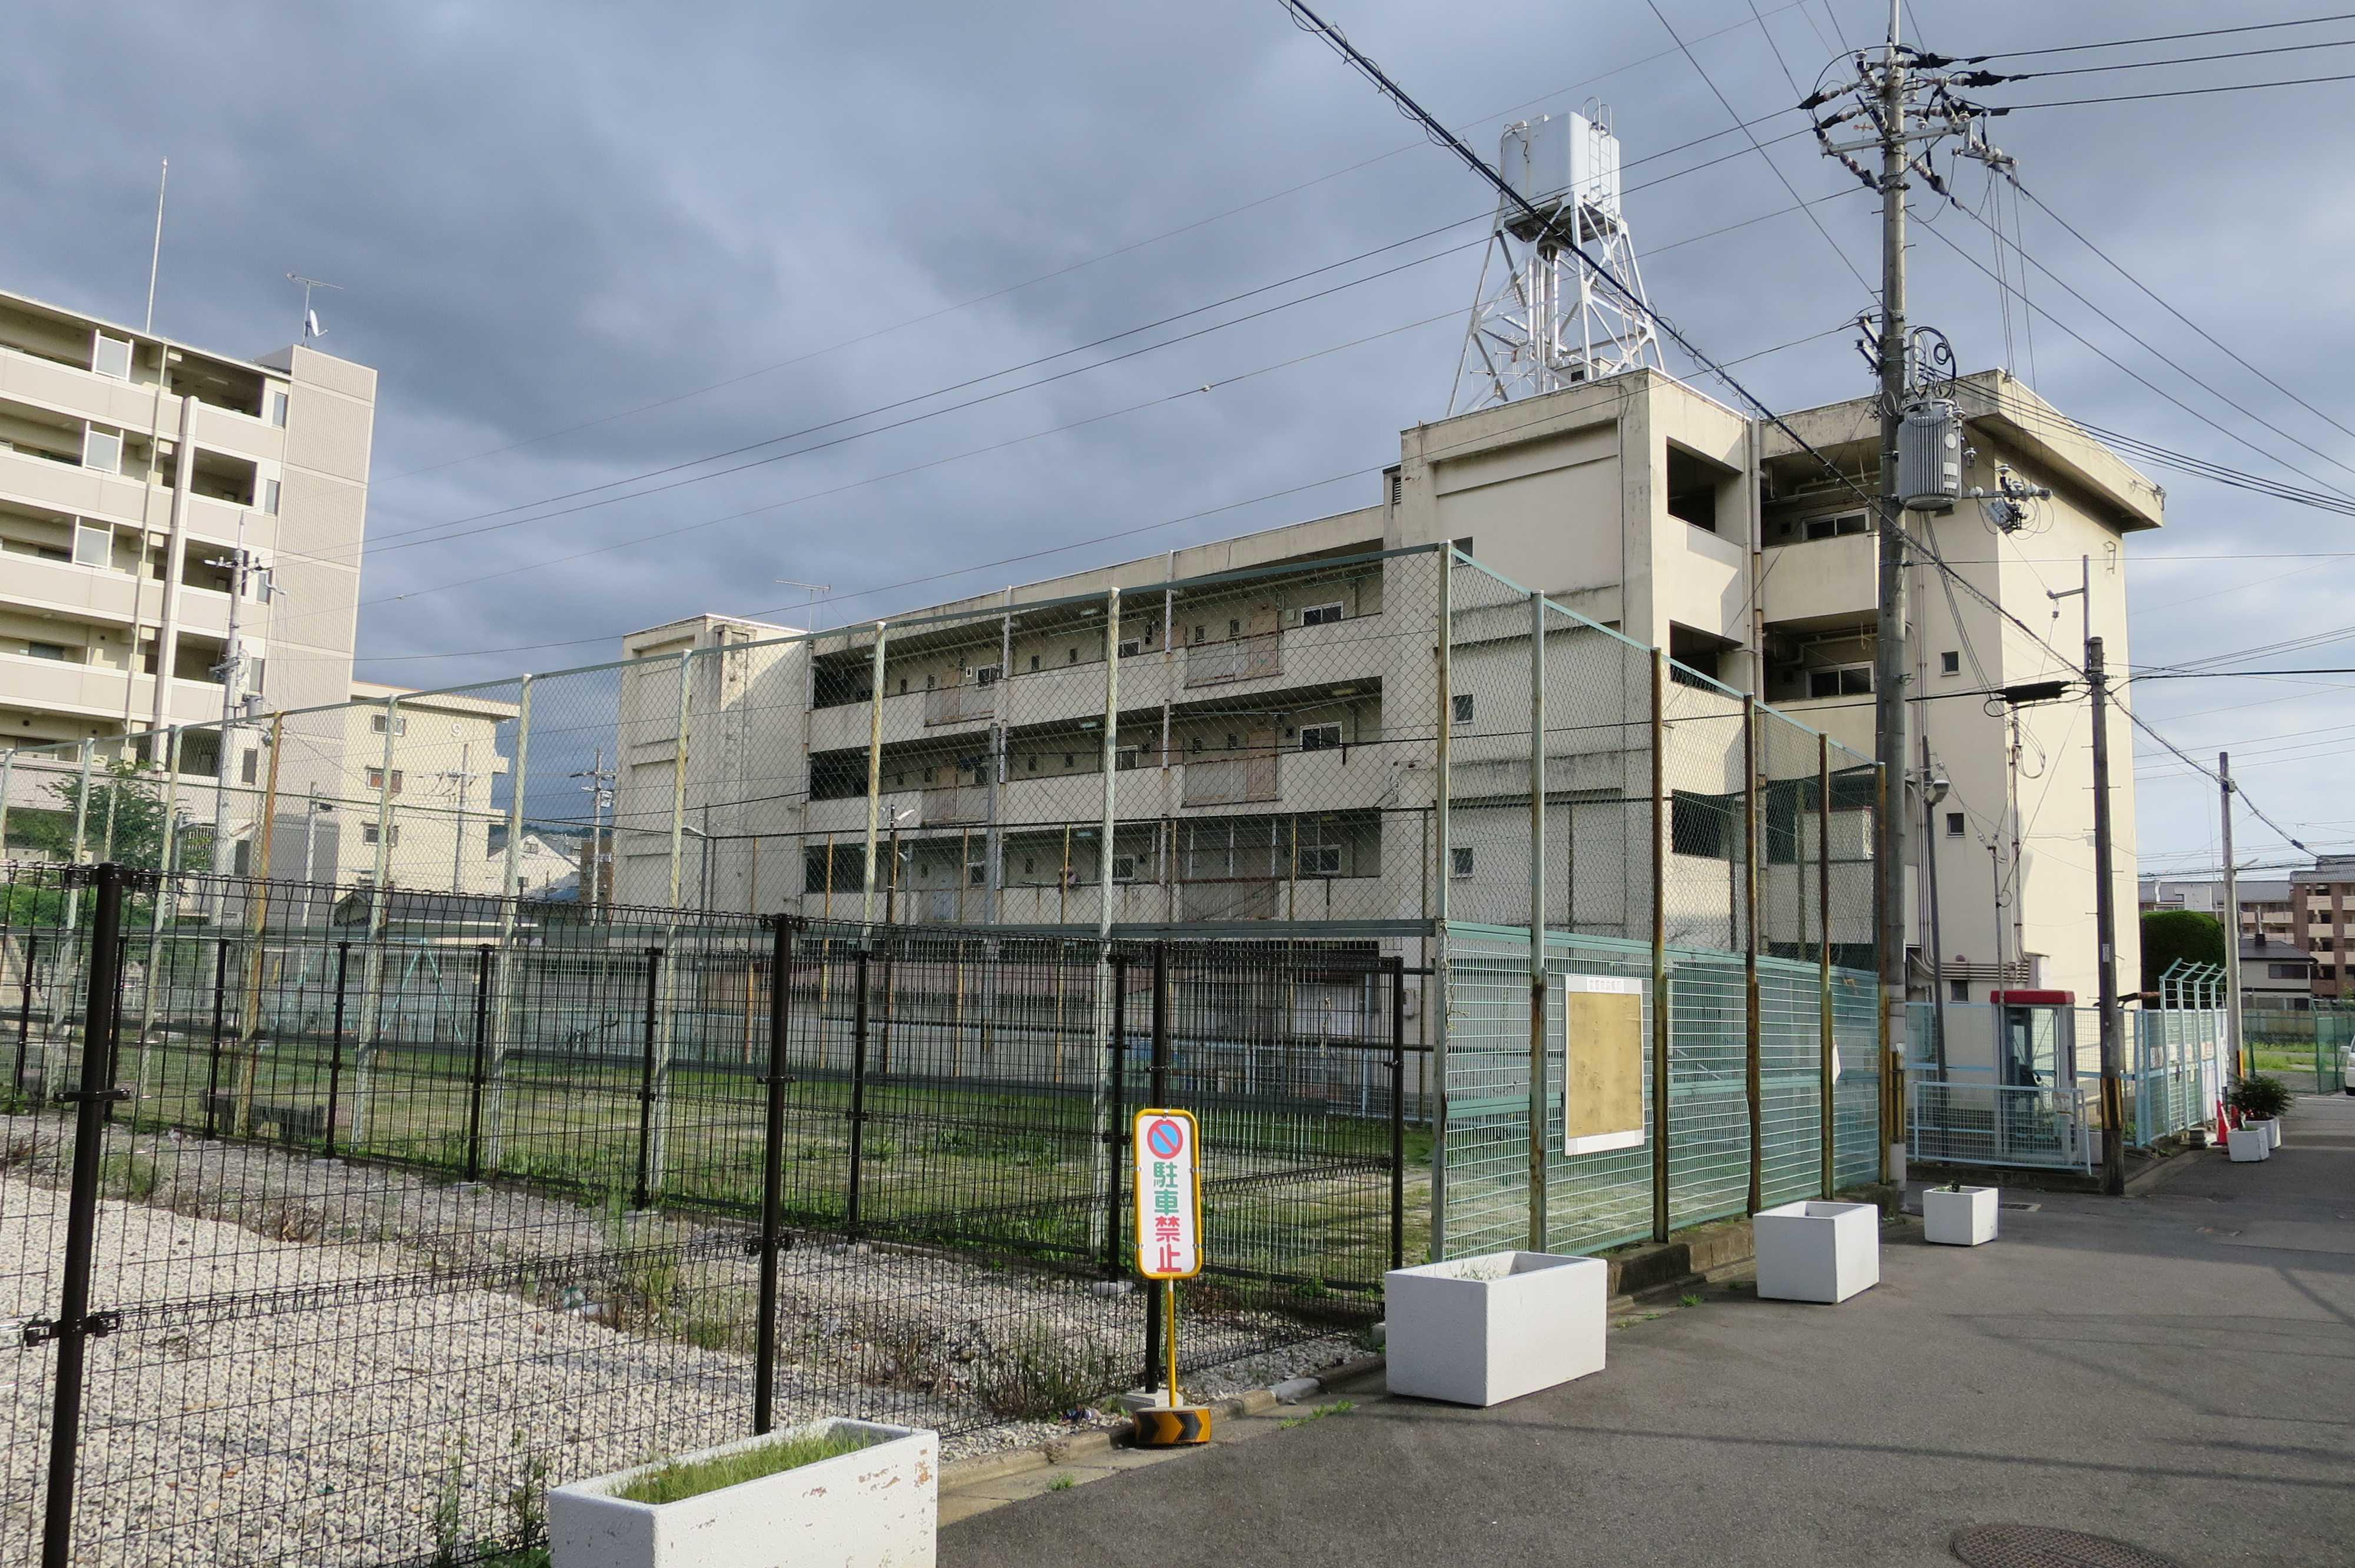 京都・崇仁地区 - 崇仁(すうじん)地区の市営住宅